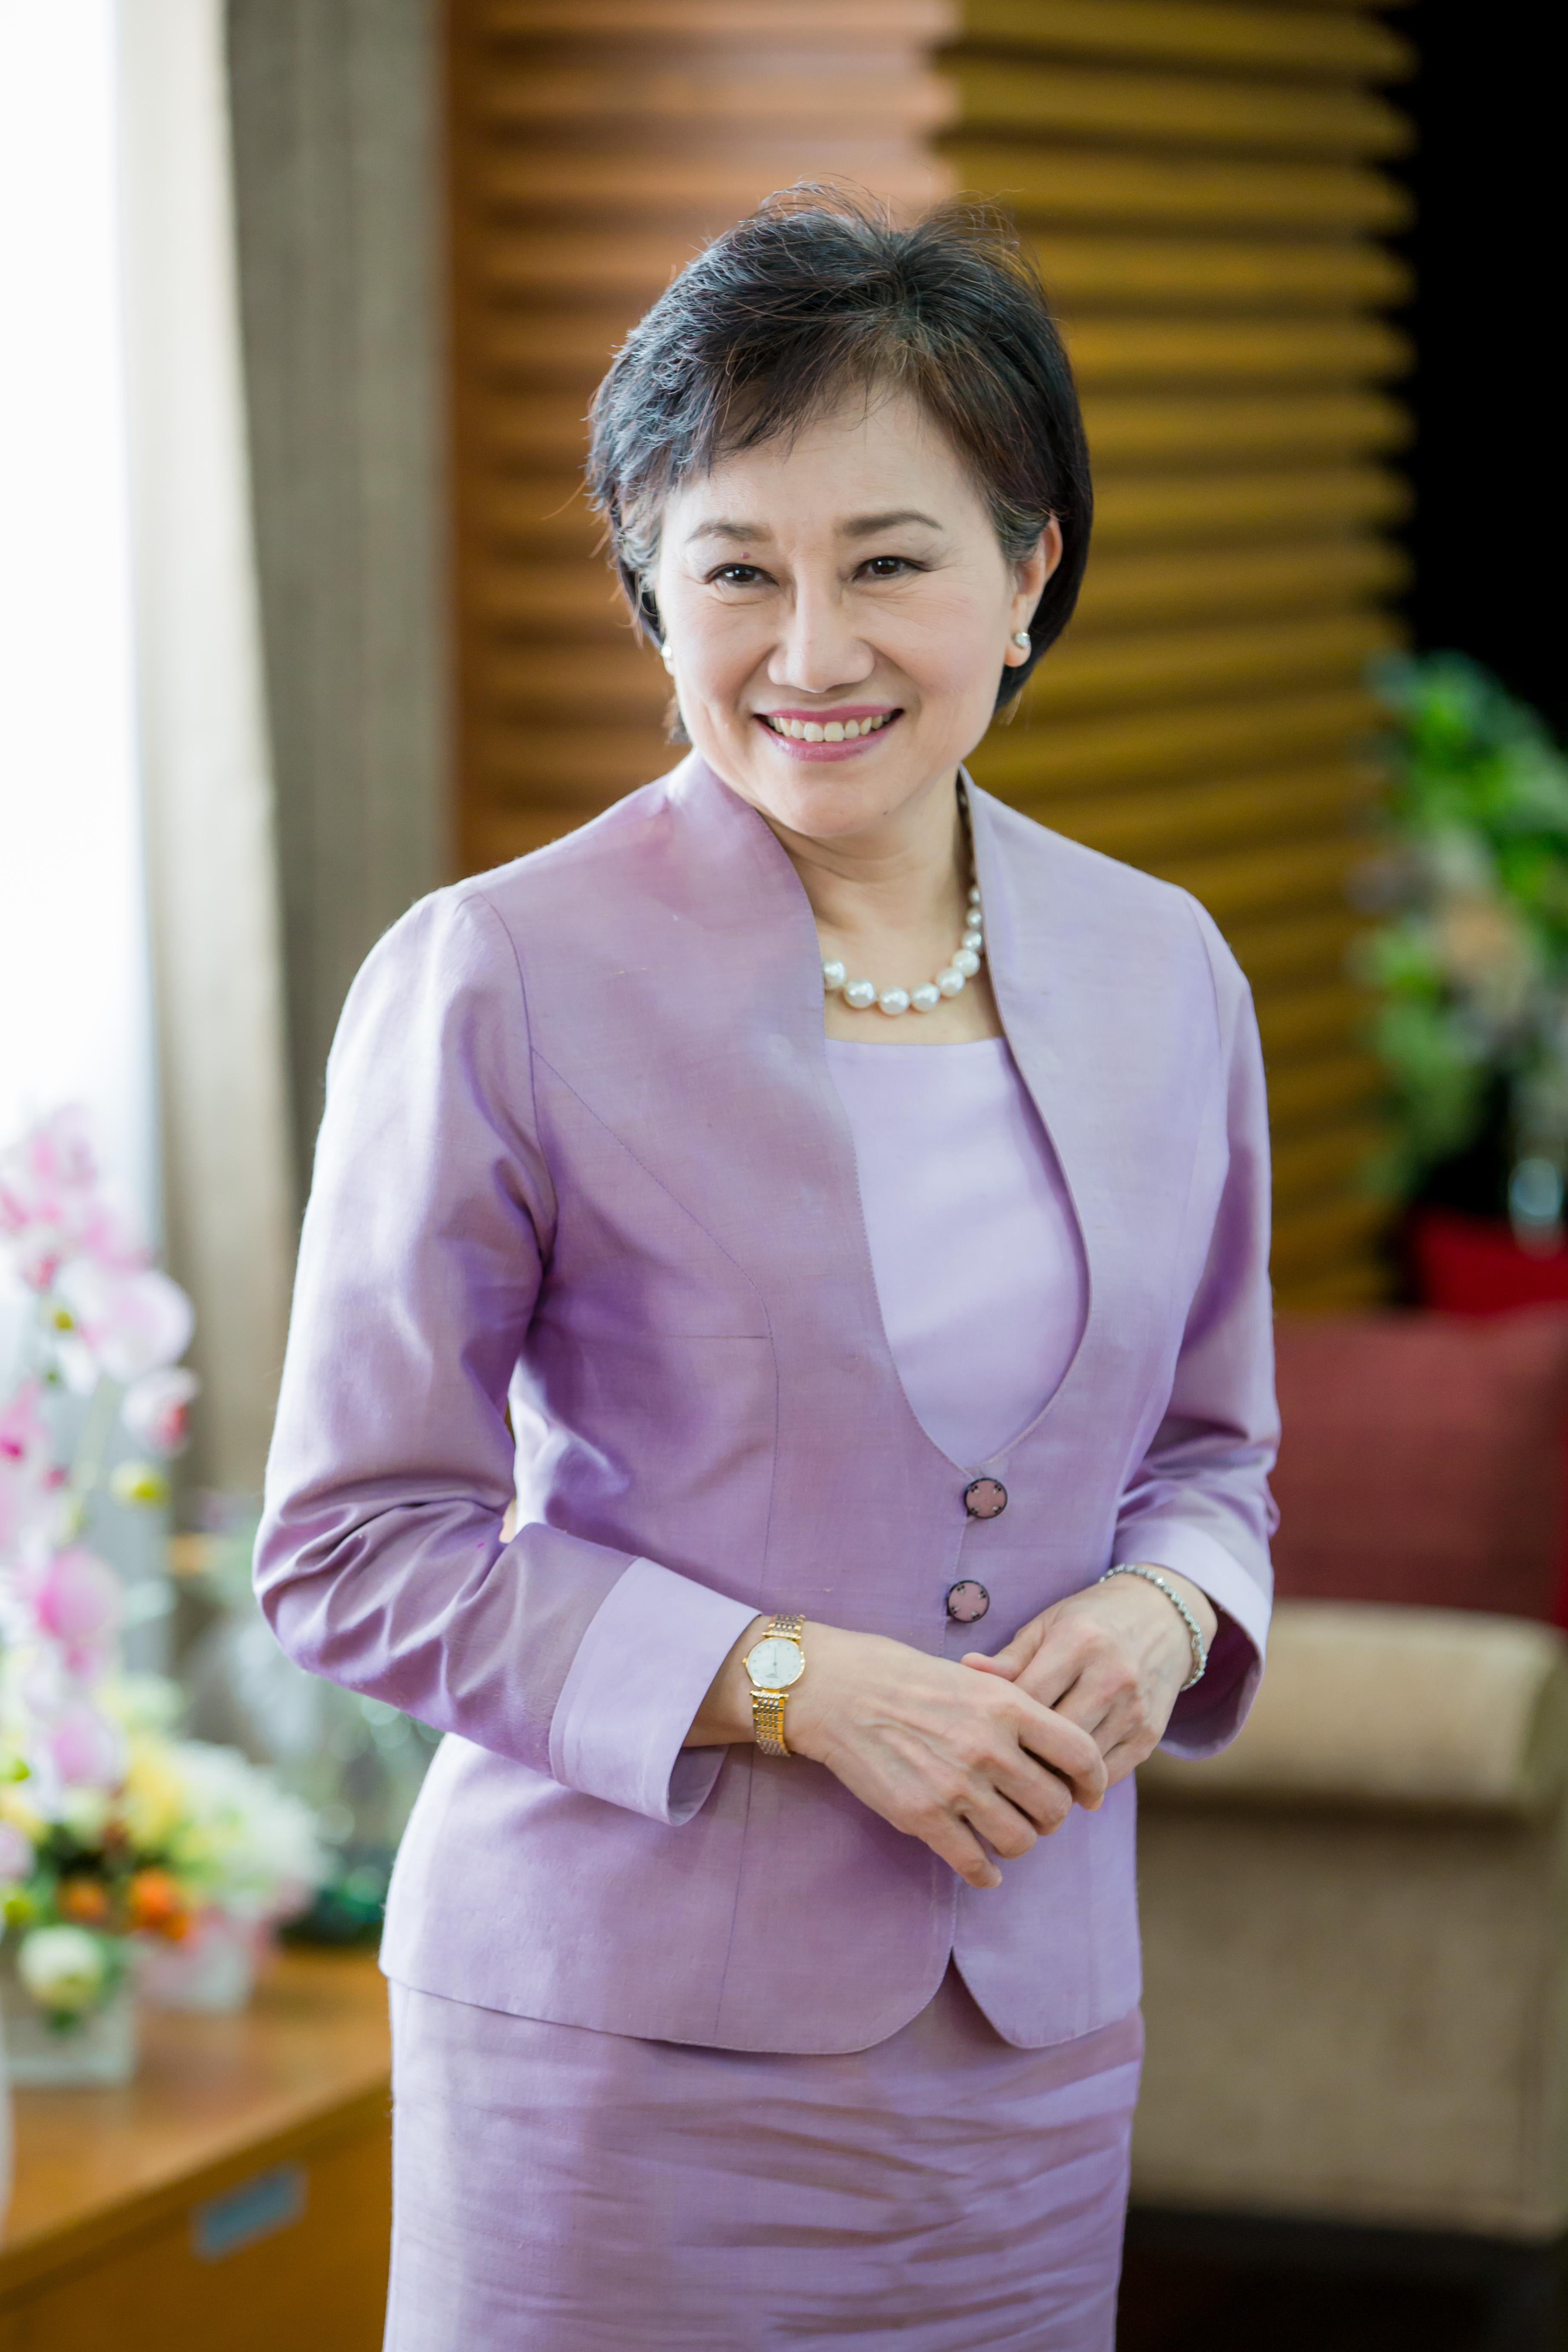 """จับตามอง """"นวัตกรรมอาหารไทย 4.0""""  โอกาสทอง SMEs ขยายลู่ทางการค้าในต่างแดน สำนักพิมพ์แม่บ้าน"""